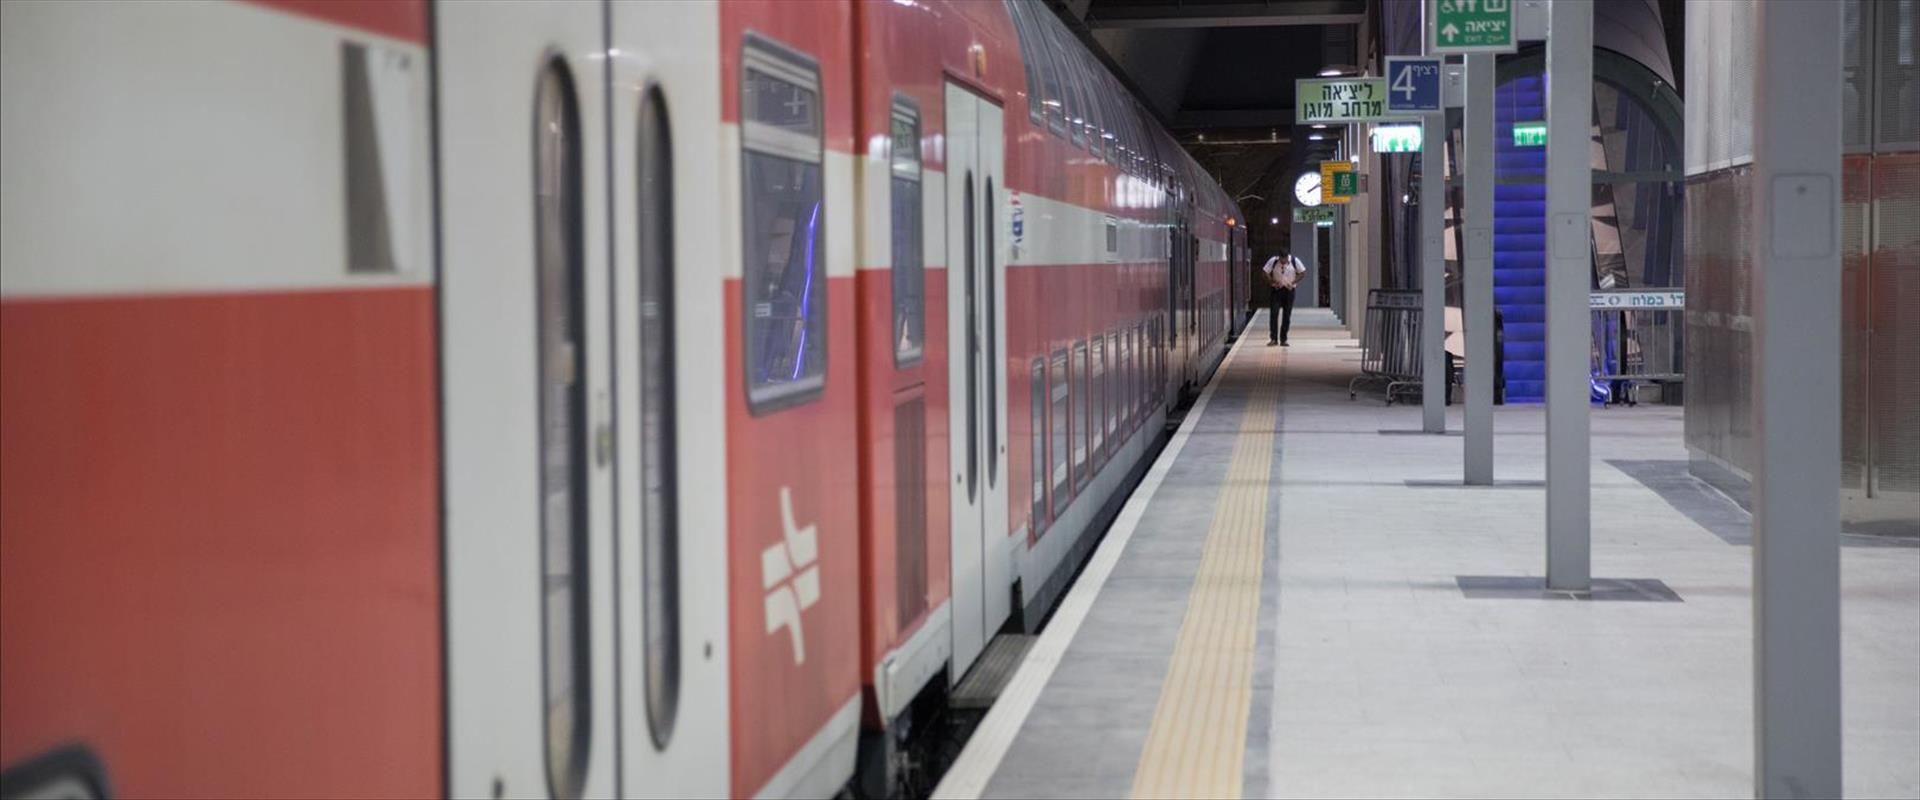 תחנת הרכבת יצחק נבון בירושלים